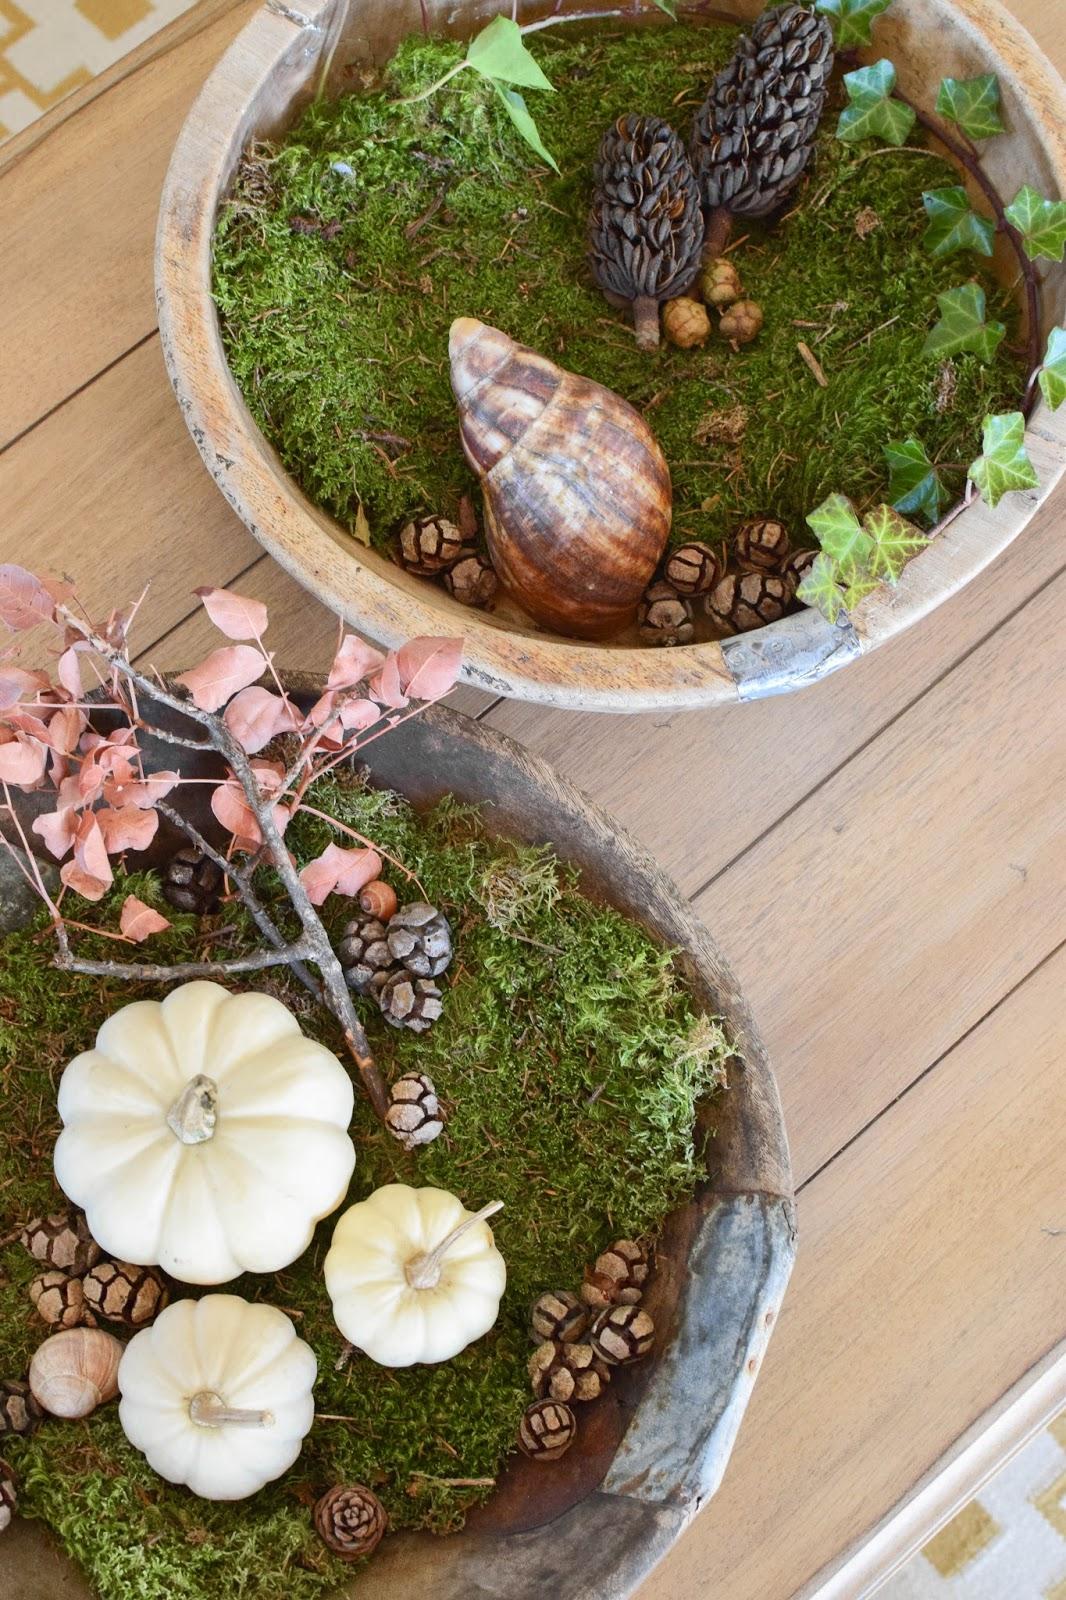 Dekoideen mit Kürbis für den Herbst. Kürbisse natürlich dekorieren. Tischdeko, Tisch dekorieren Herbstdeko, herbstliche Deko, Stilleben